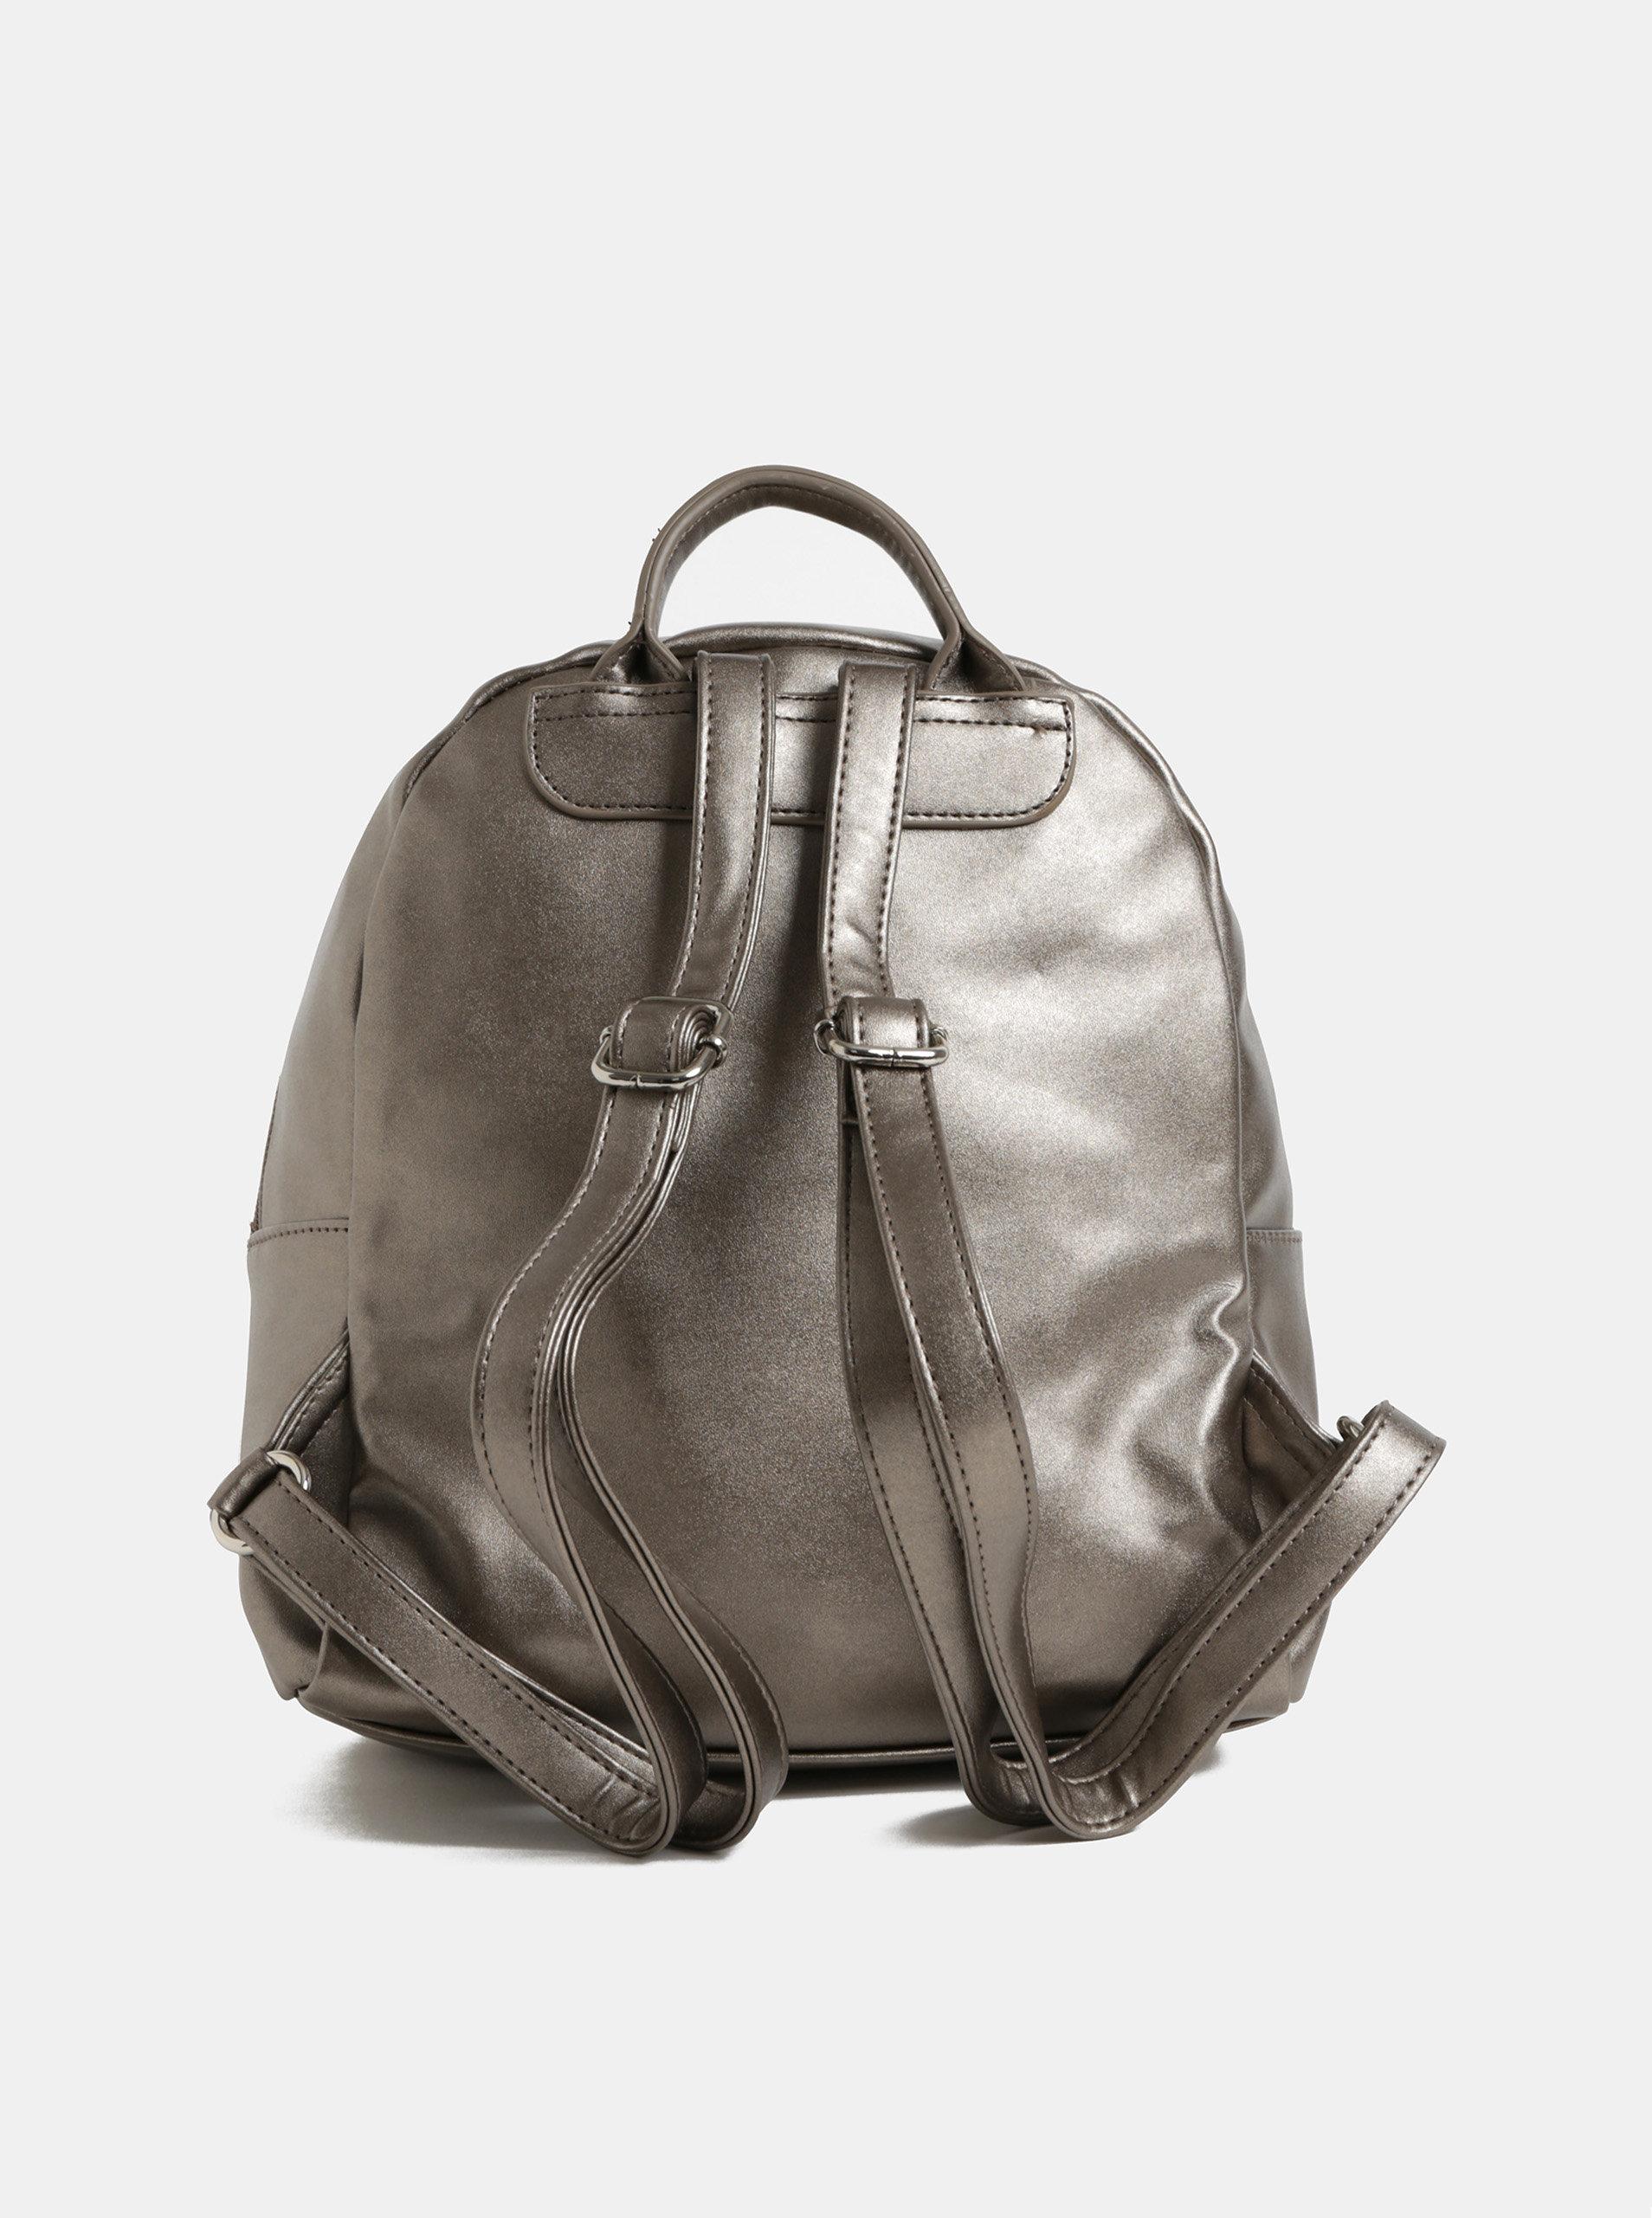 Strieborný koženkový batoh s metalickými odleskami a predným vreckom ZOOT  ... a4859b4e3fc